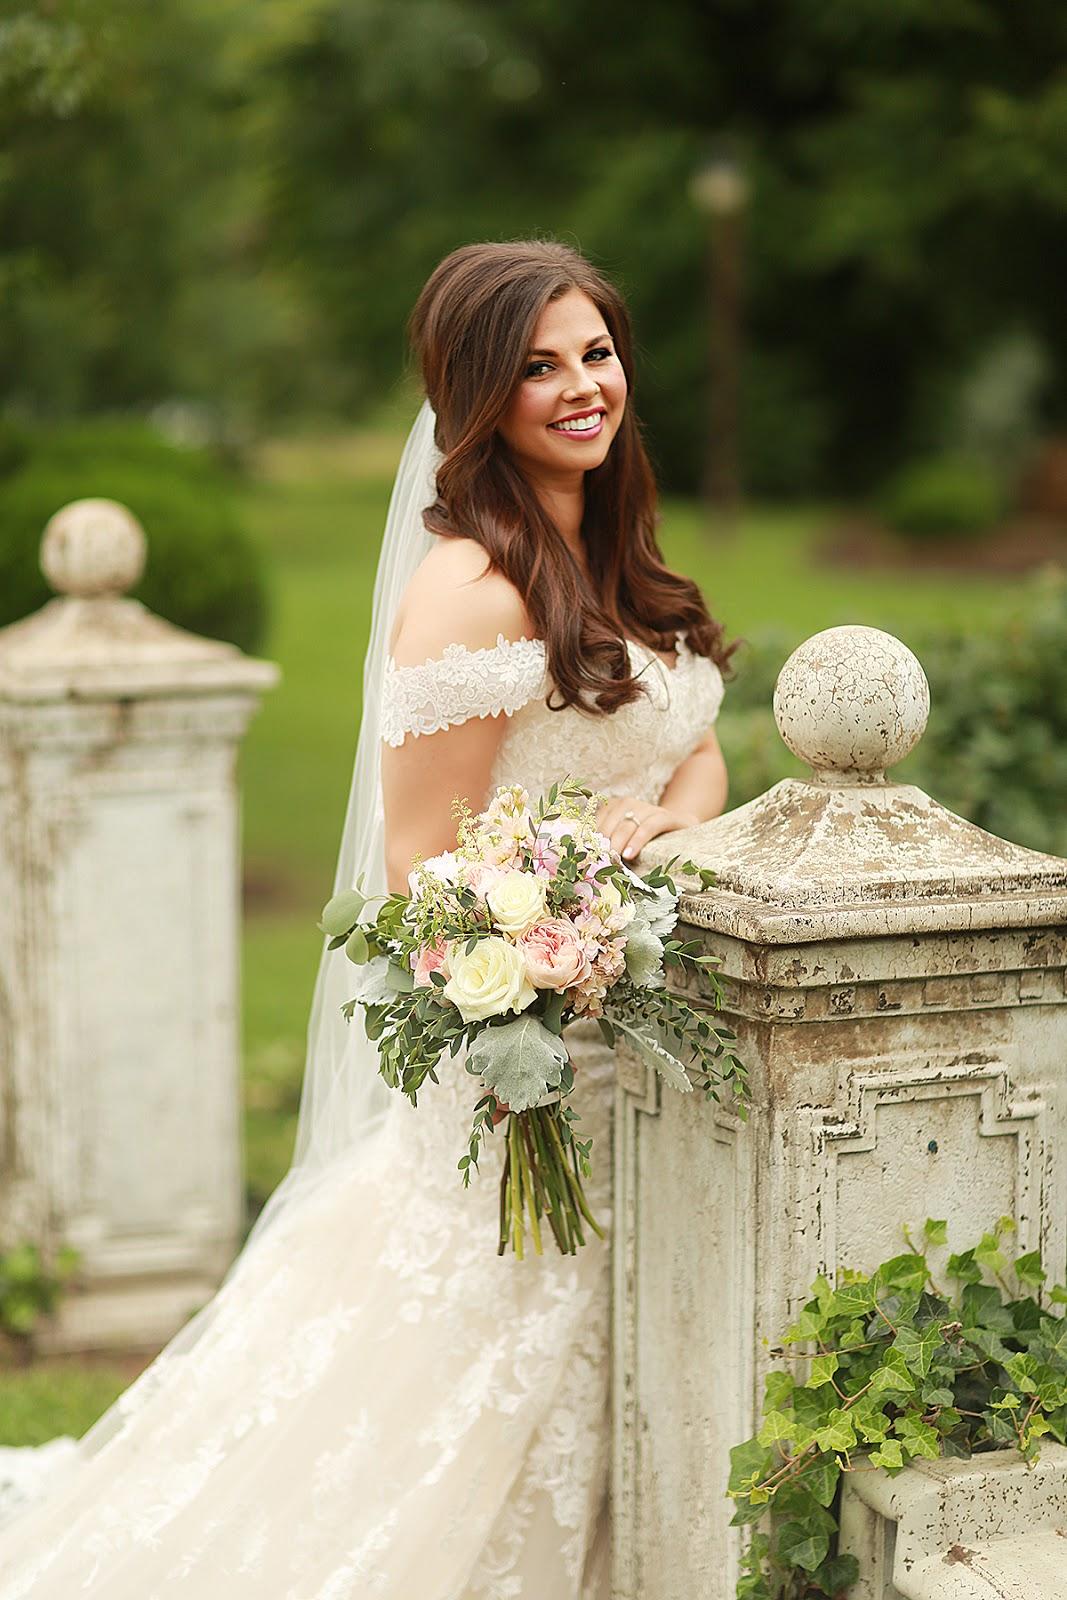 Wedding Dresses In Little Rock Ar 75 Fresh Yay for no rain